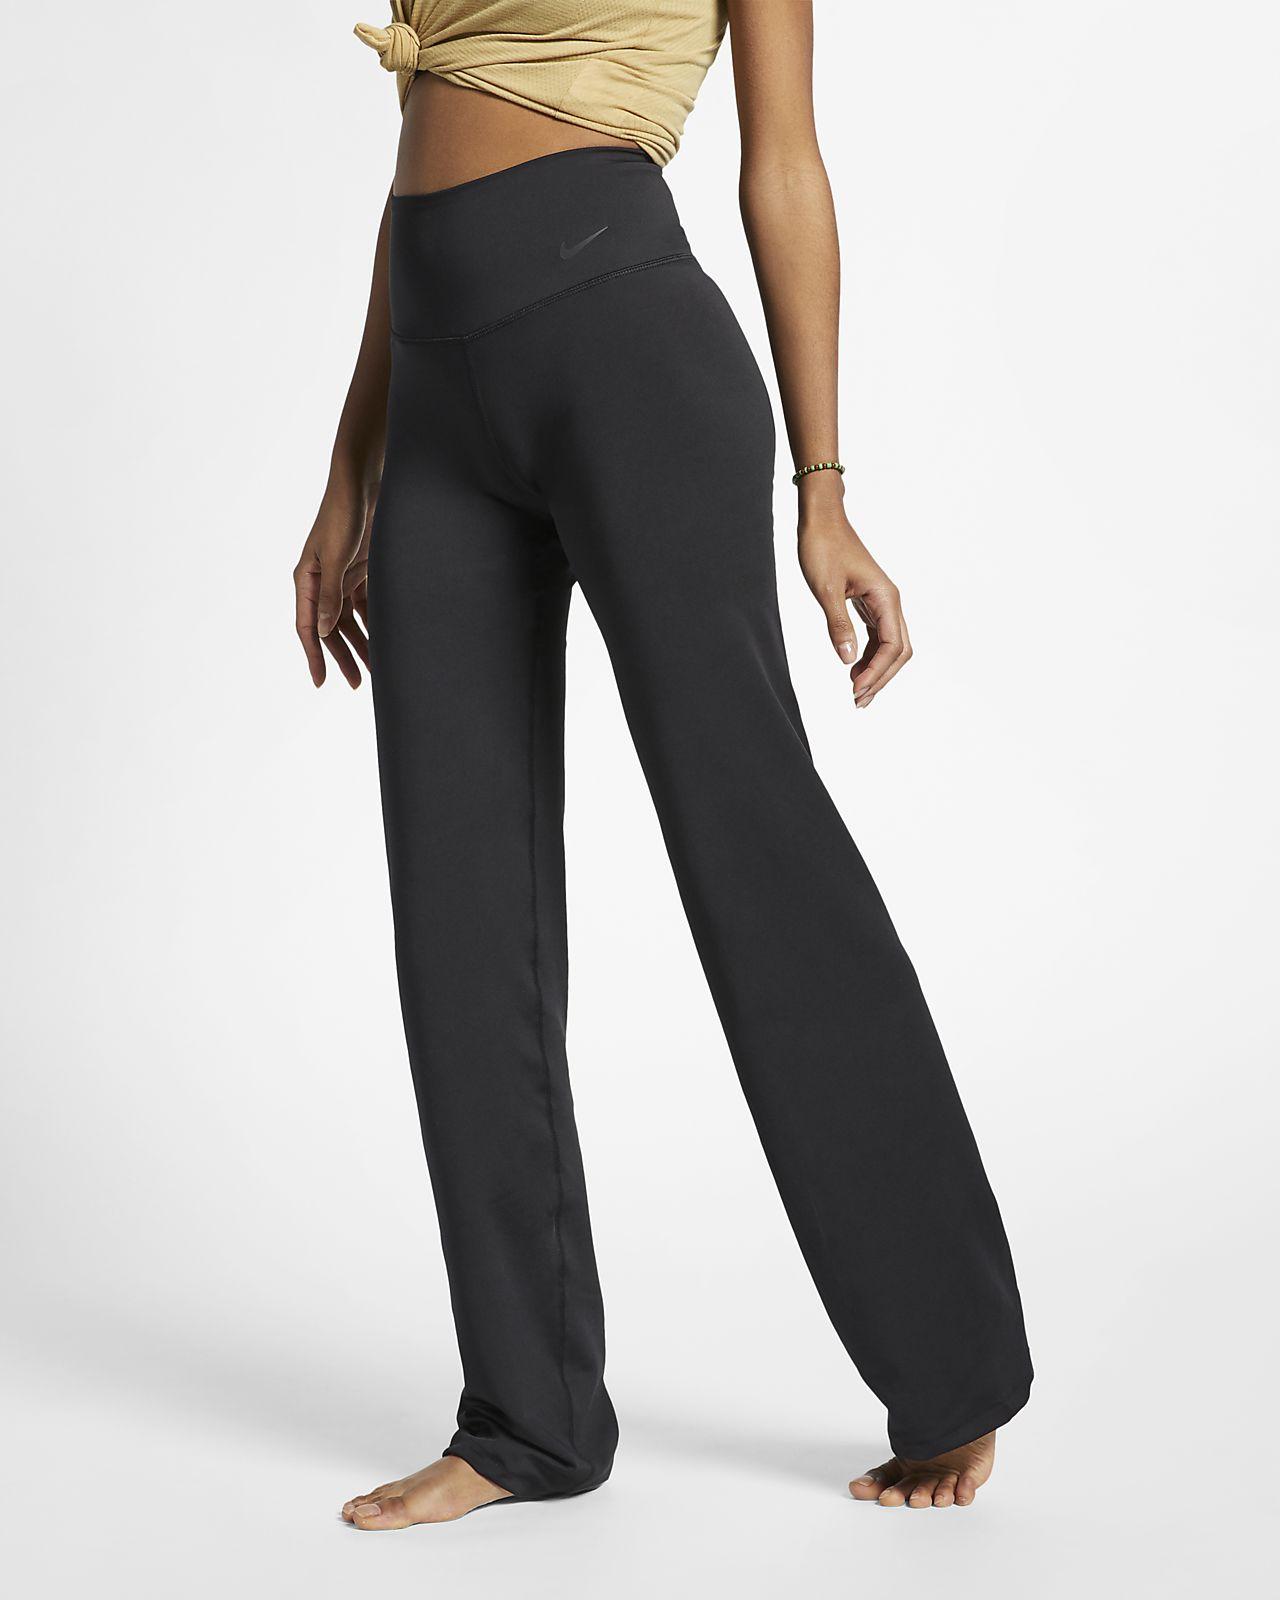 Dámské tréninkové kalhoty Nike Power na jógu.